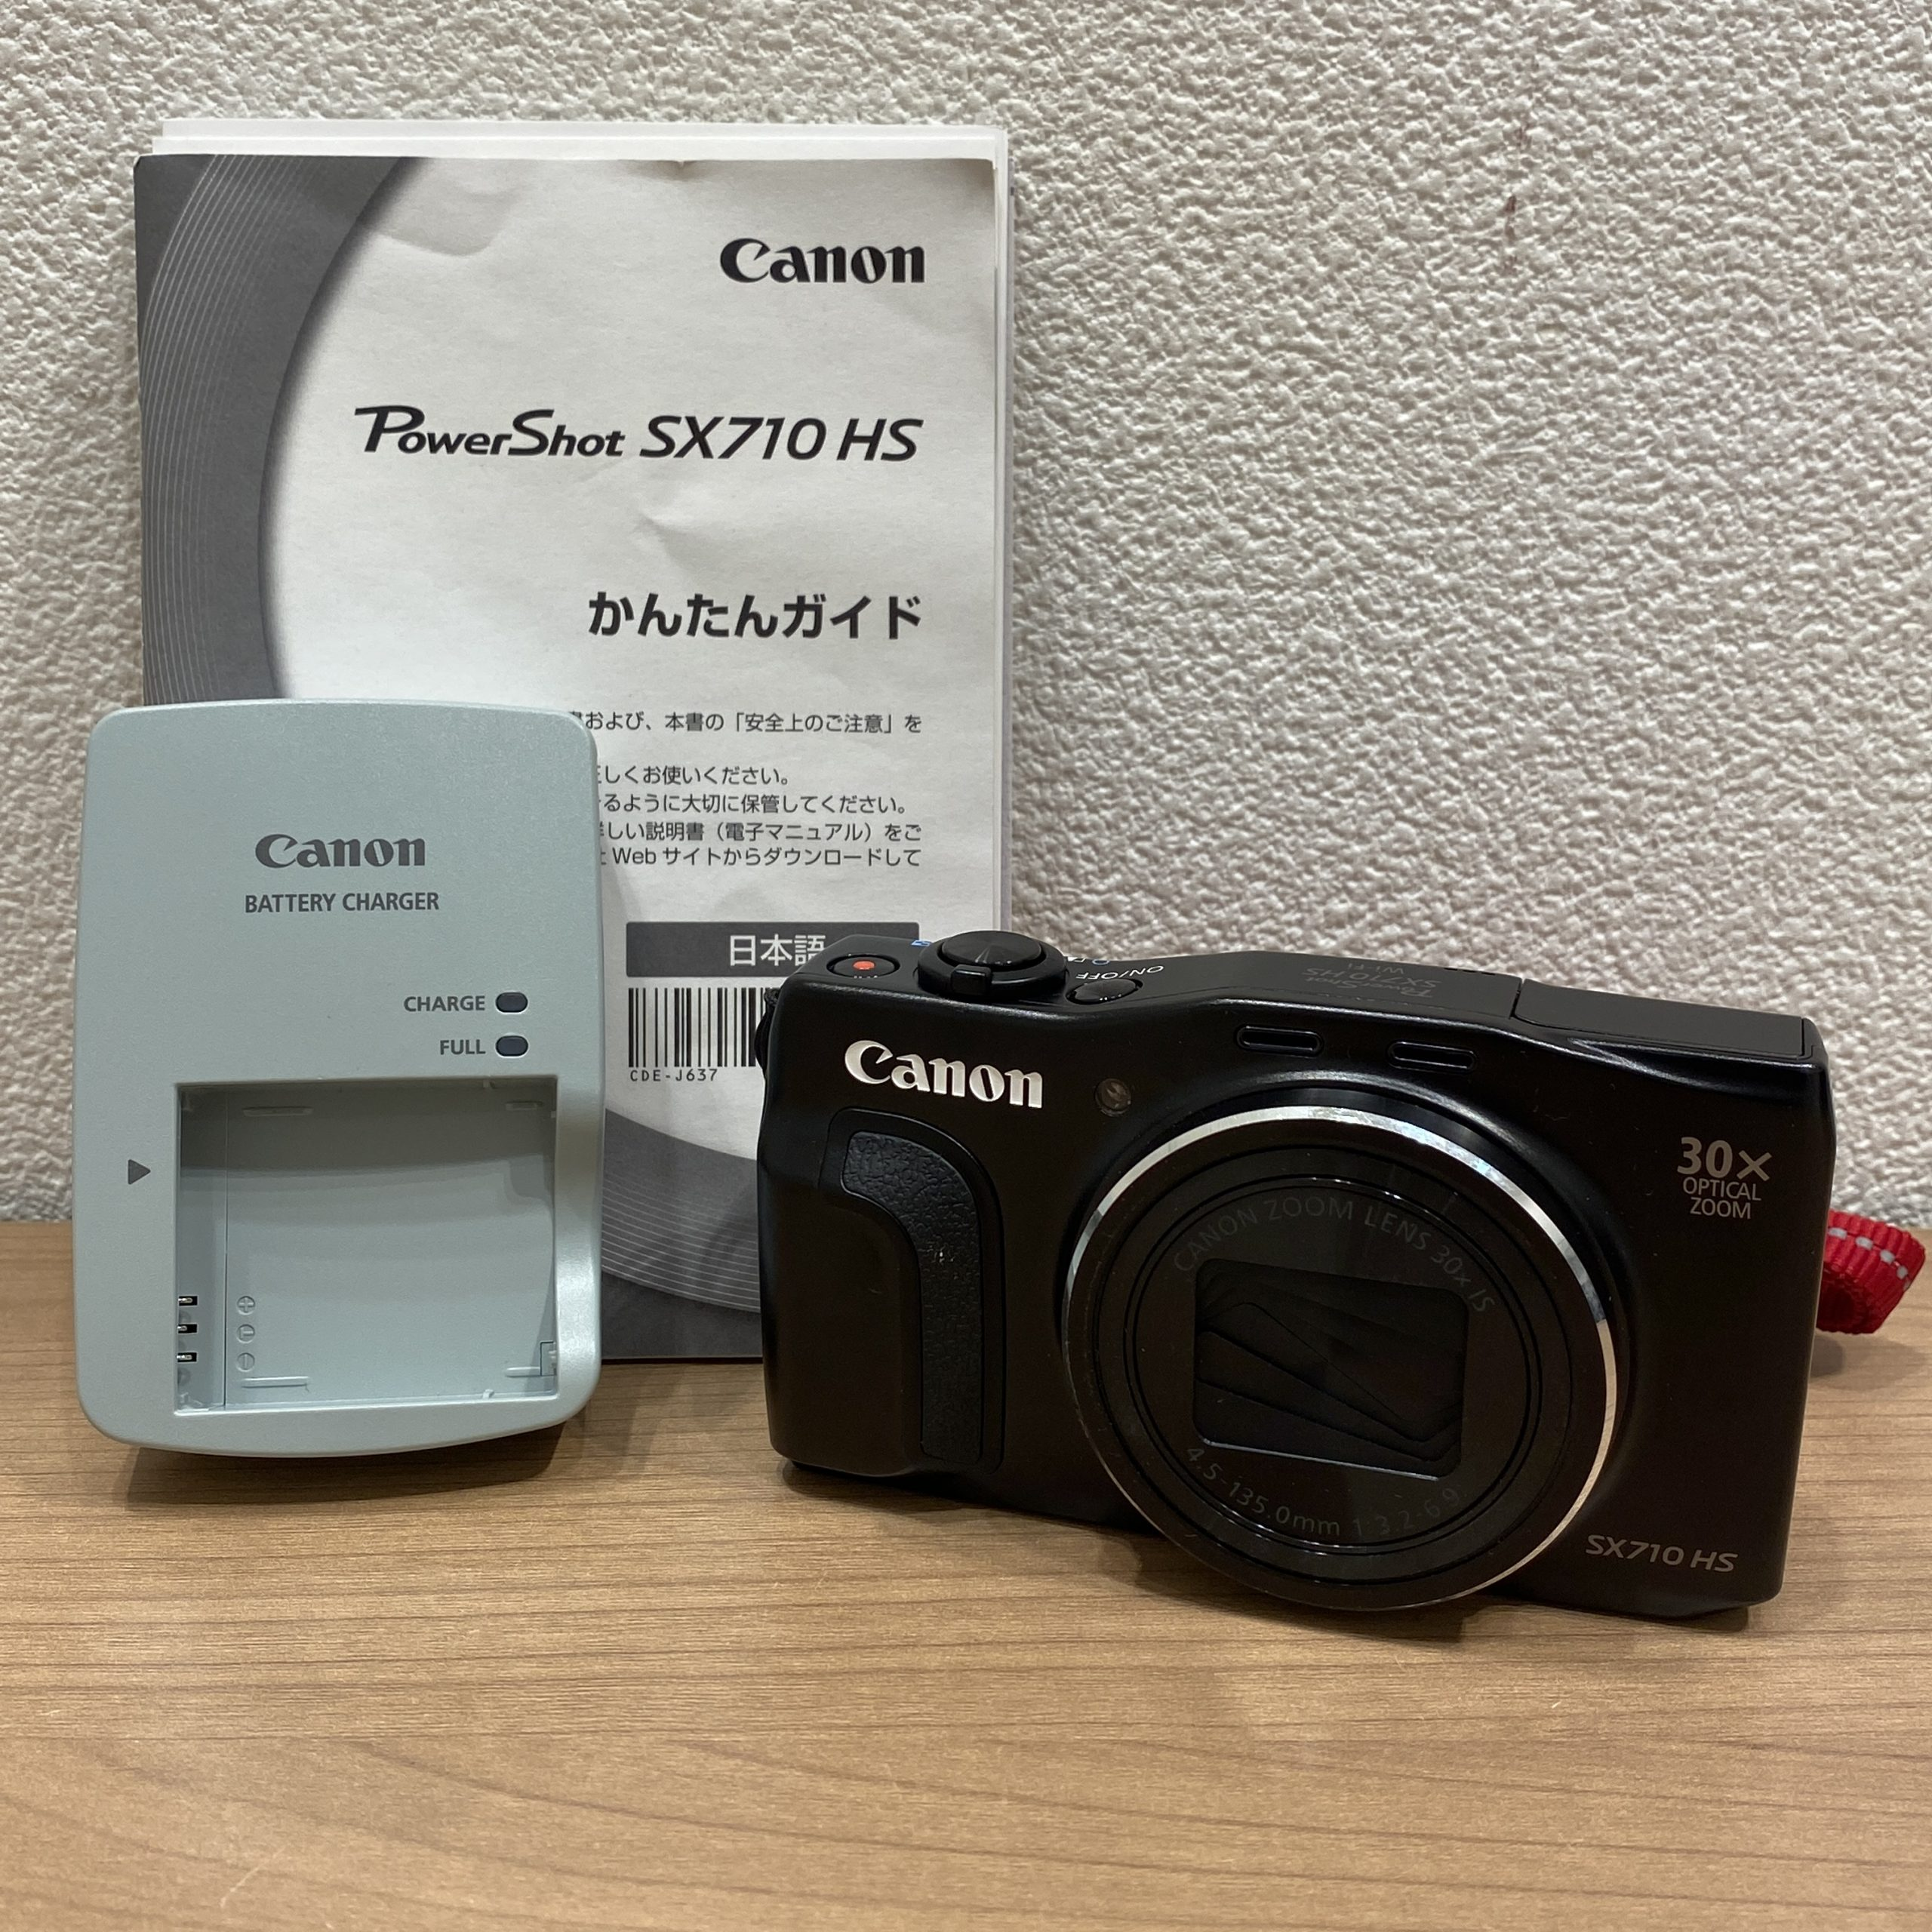 【Canon/キャノン】SX710 HS 20.3MEGA PIXELS コンパクトデジタルカメラ 4.5-135.0mm 1:3.2-6.9